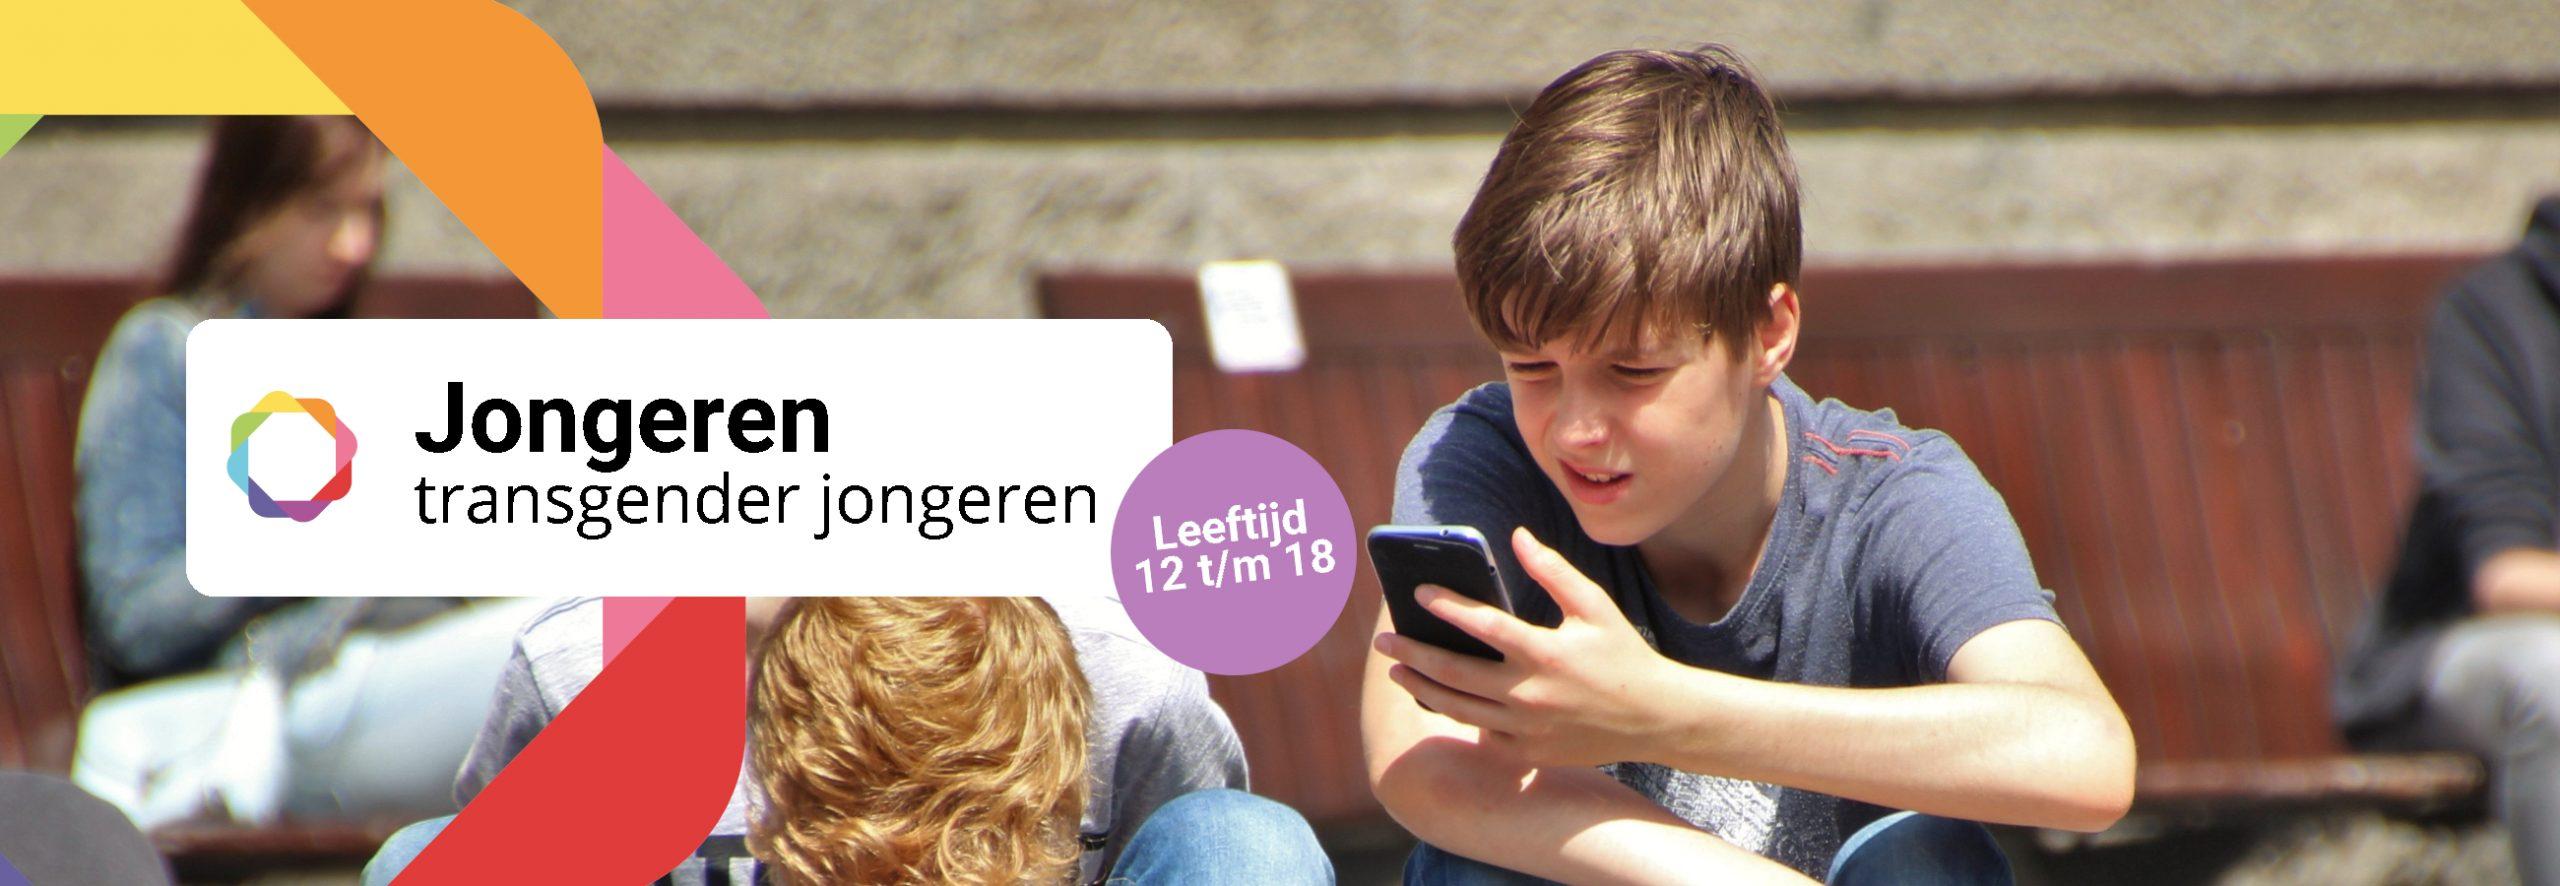 onderlingcontact_jongeren